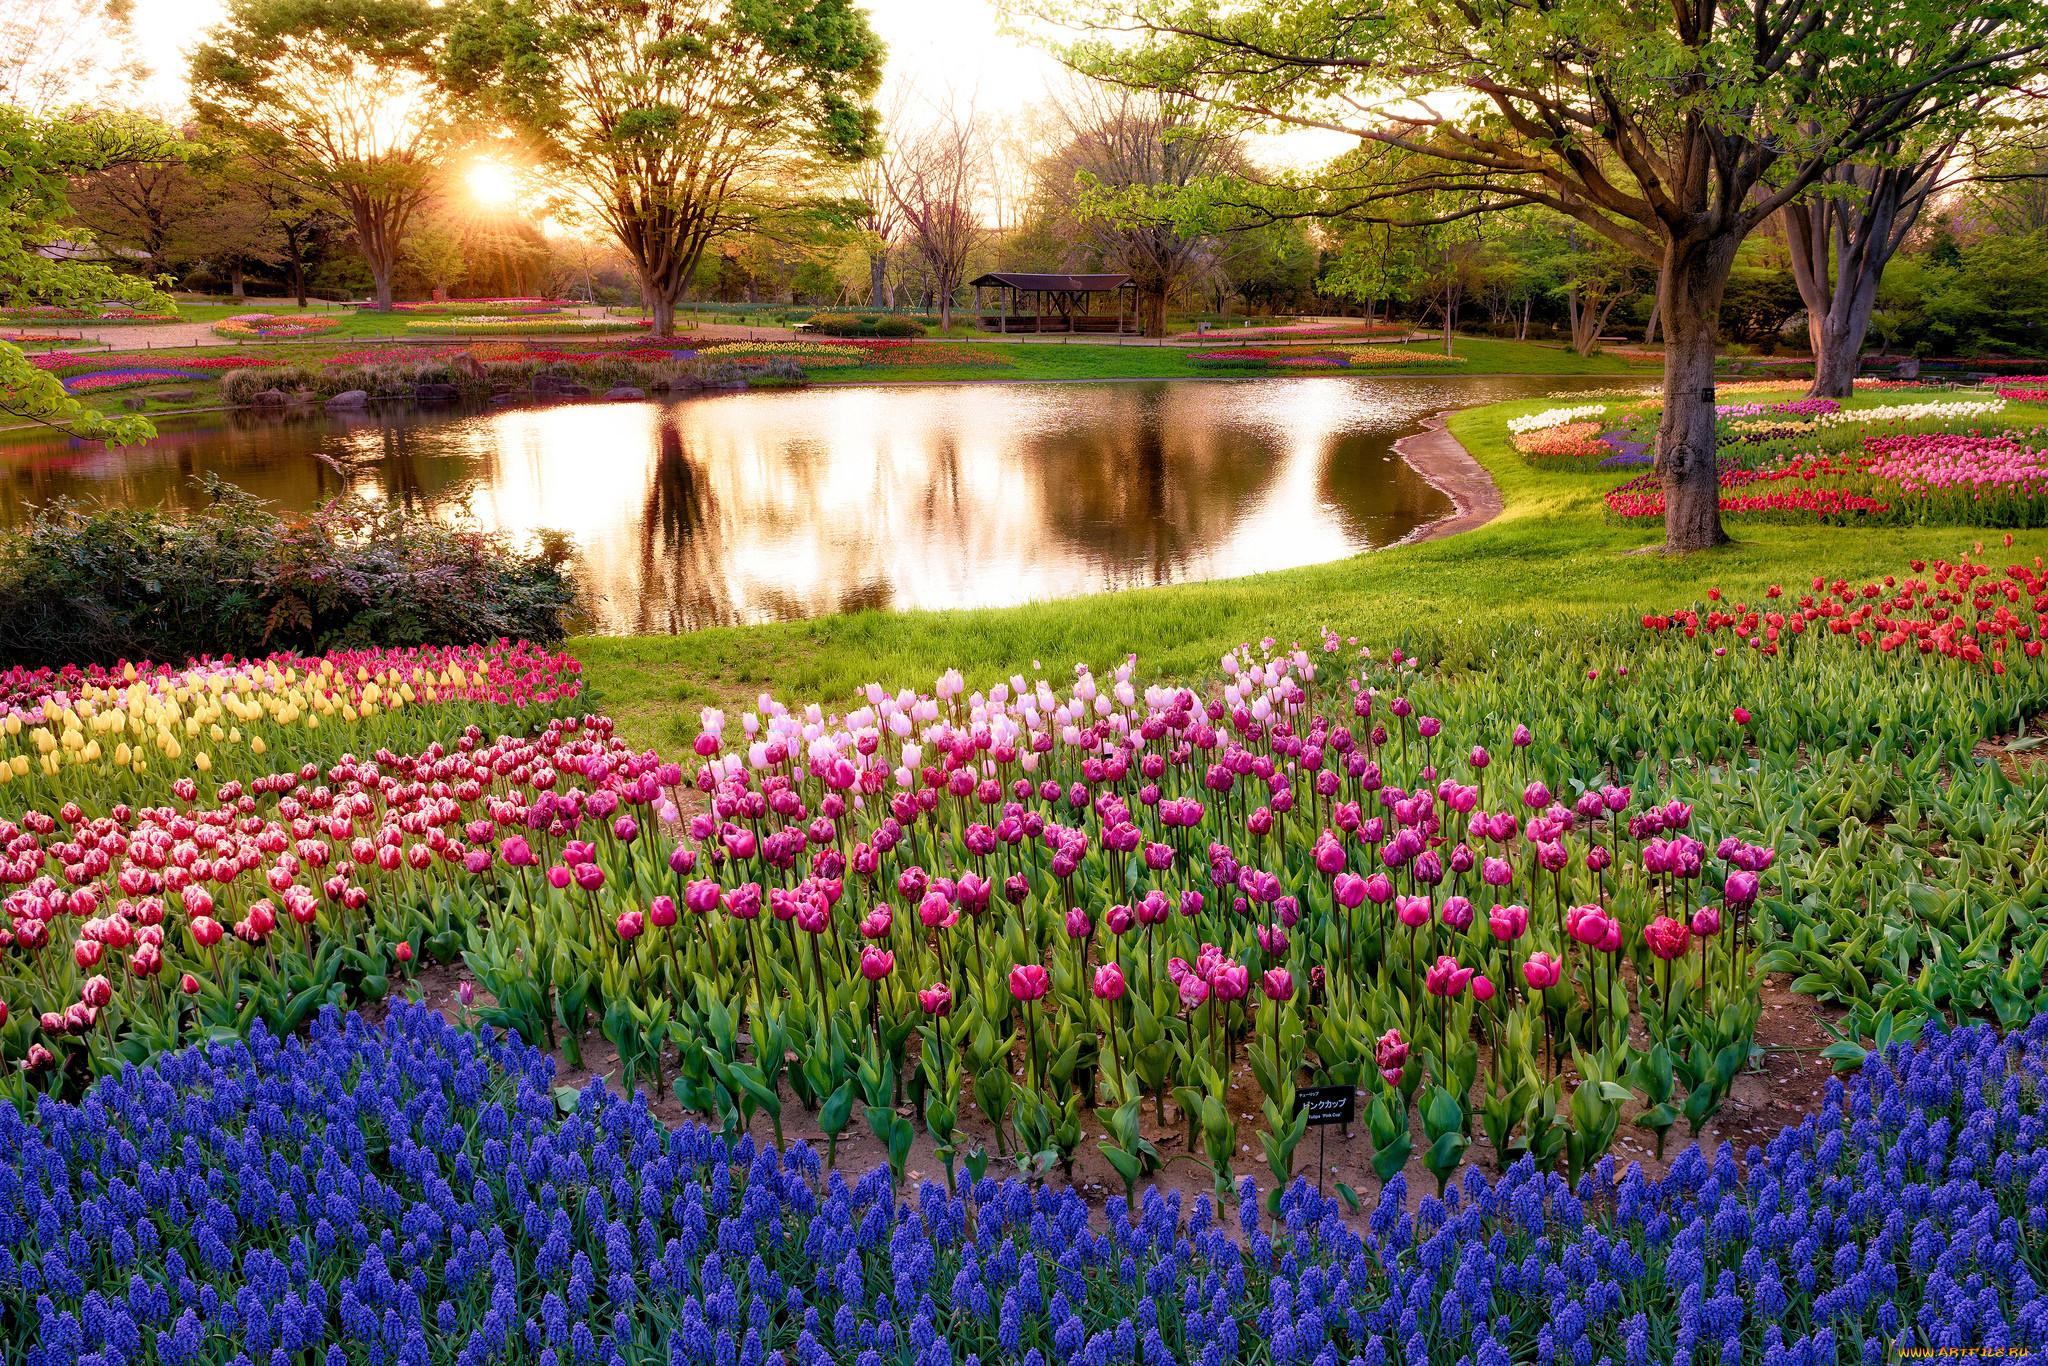 фото весна природа хорошего качества доме прекращались, нашел